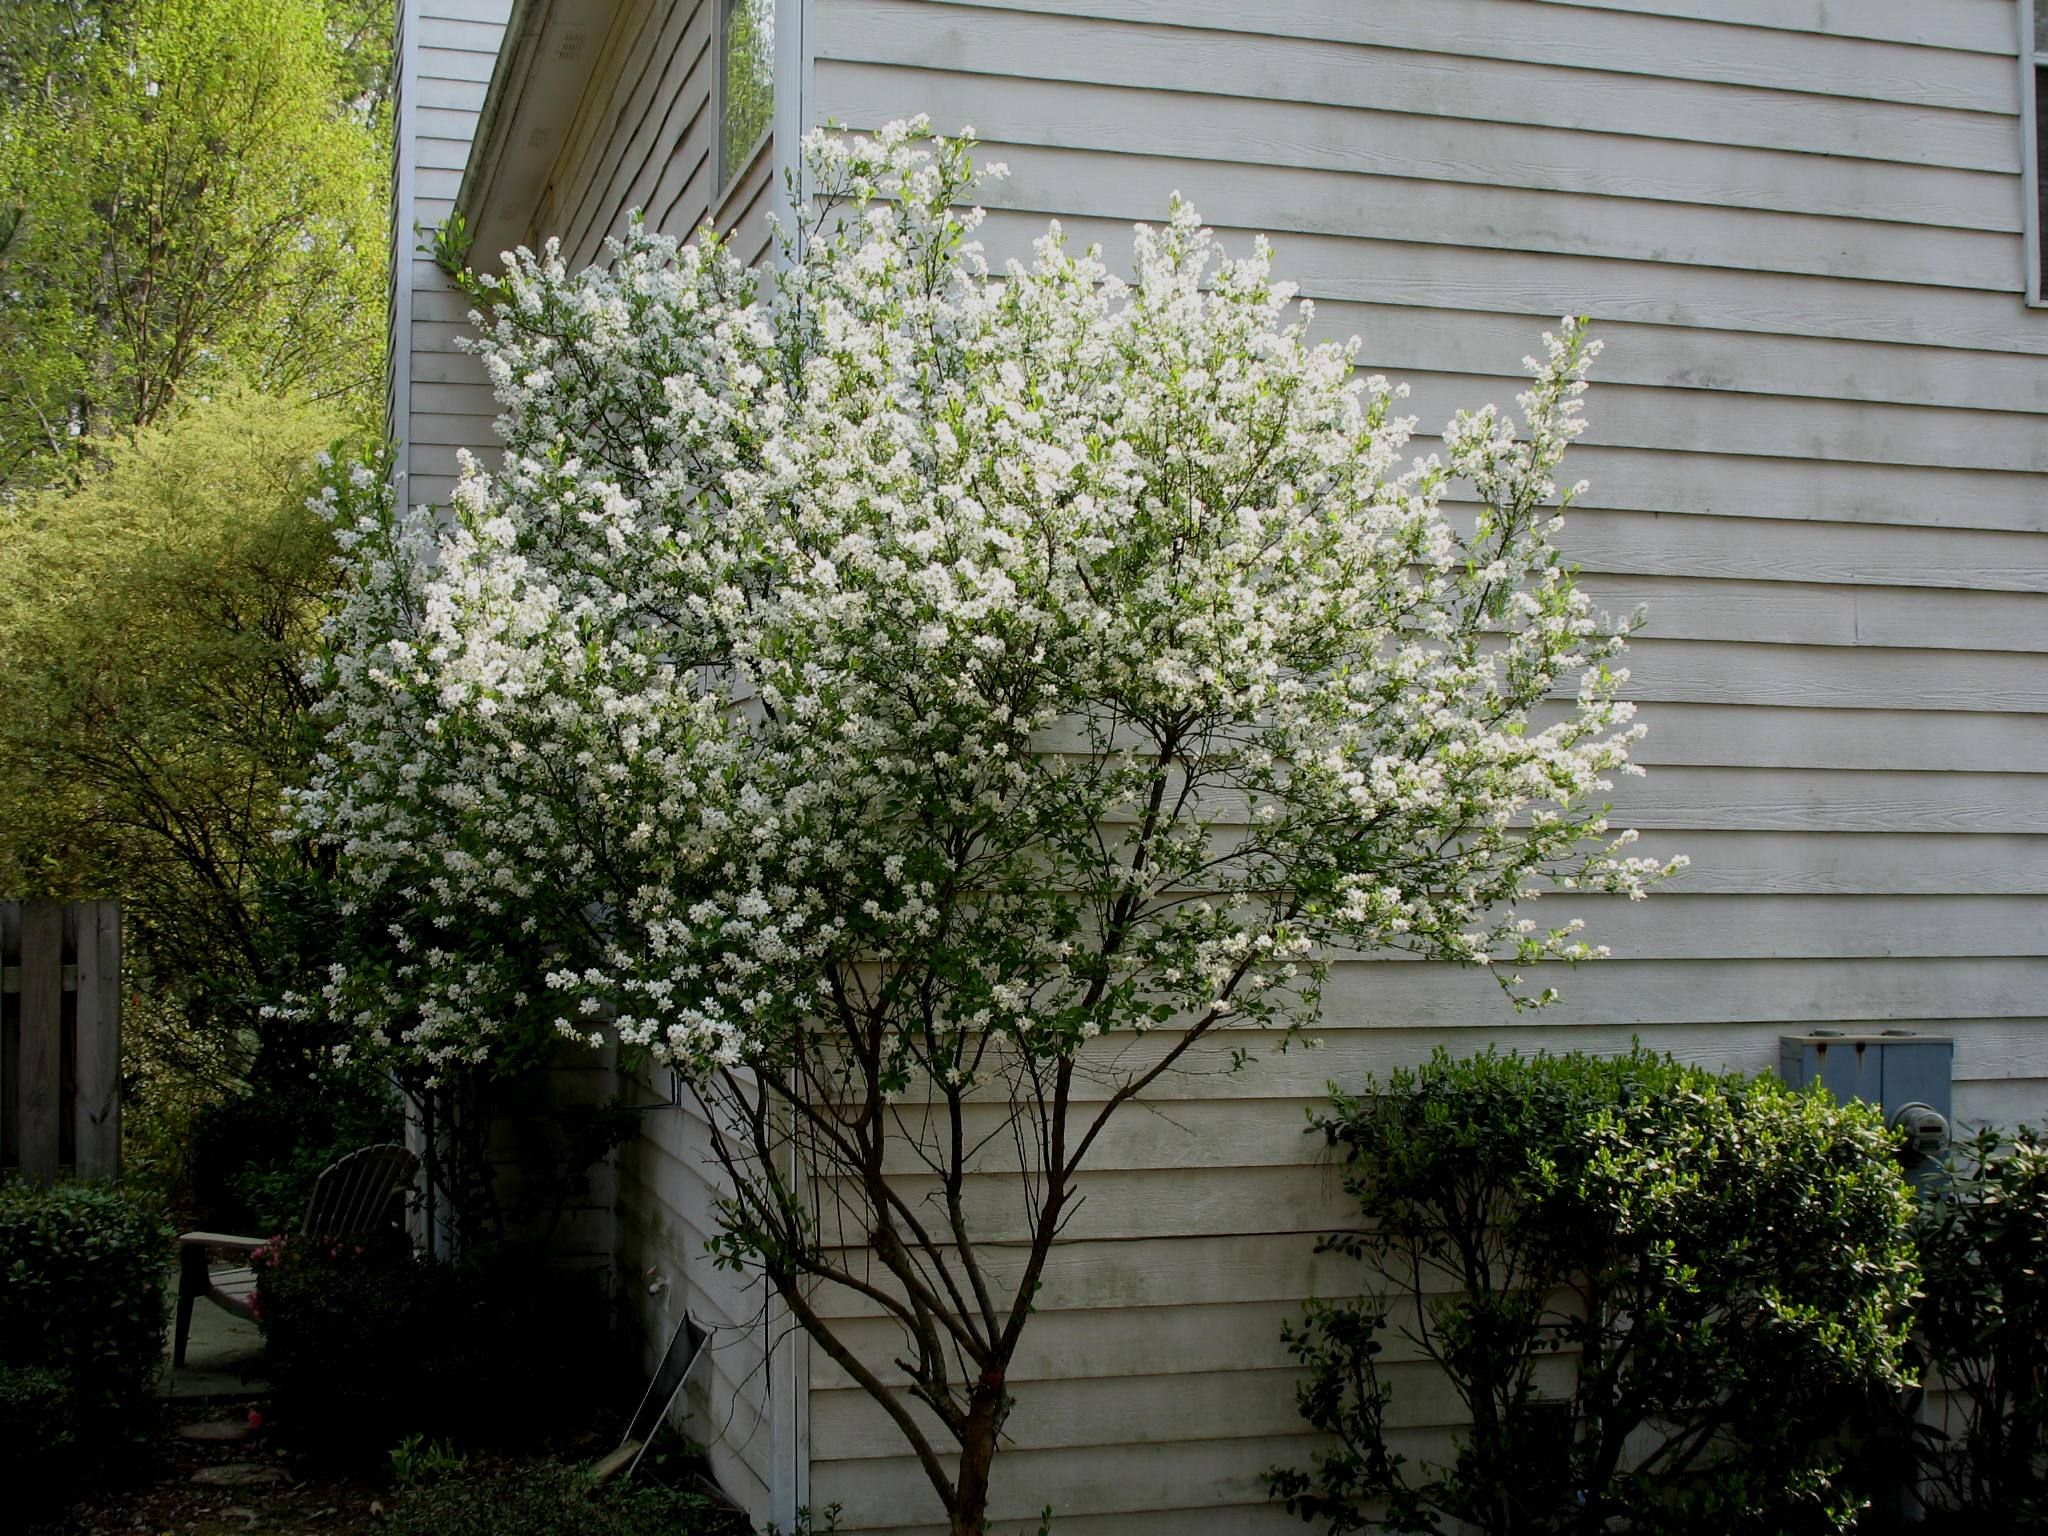 Pearlbush Exochorda Racemosa Exochorda Racemosa Onlineplantguide Com 3426 Moon Garden White Gardens Outdoor Garden